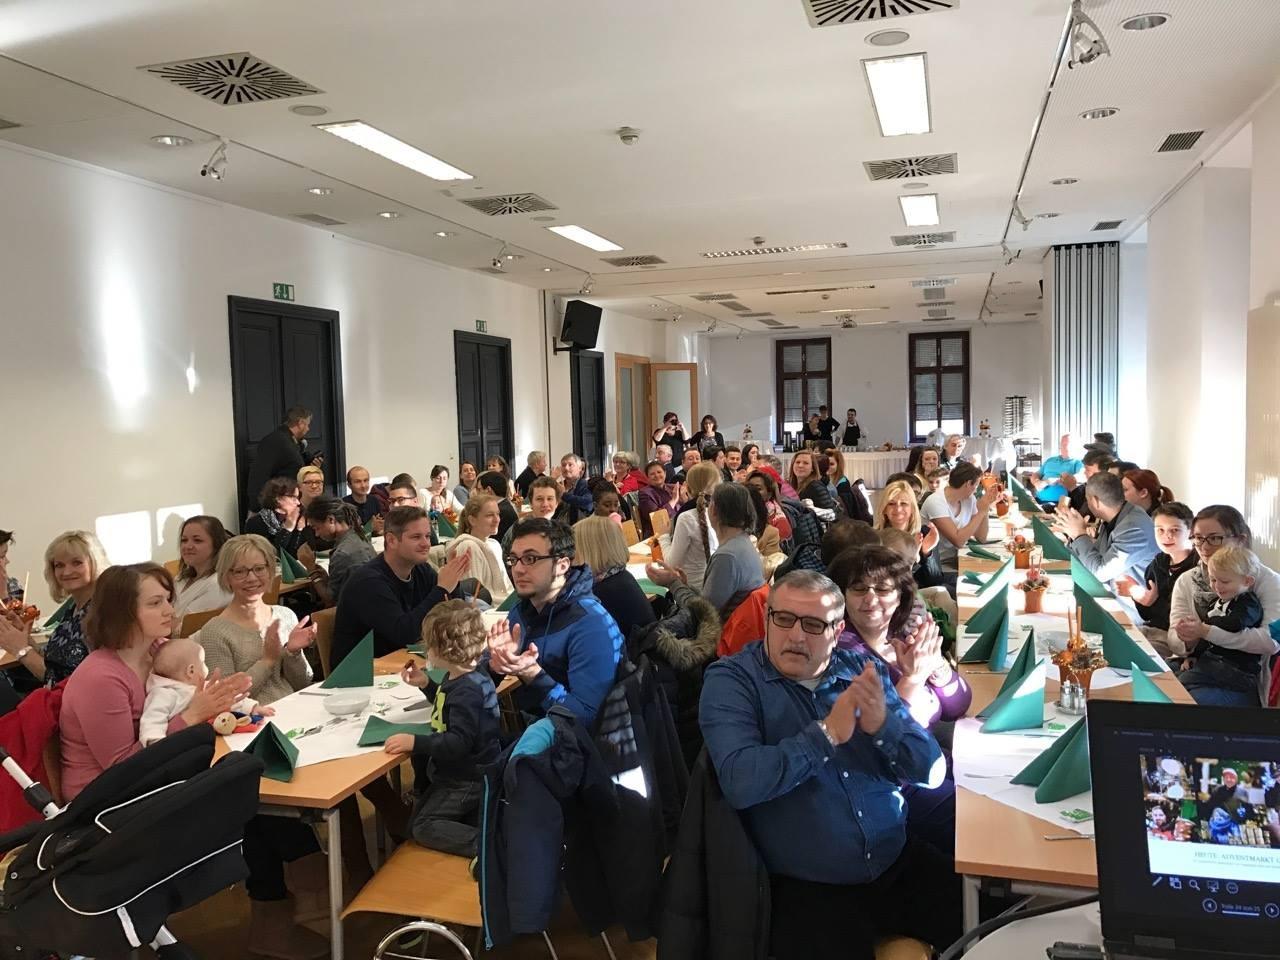 Bekanntschaften in Gleisdorf - Partnersuche & Kontakte